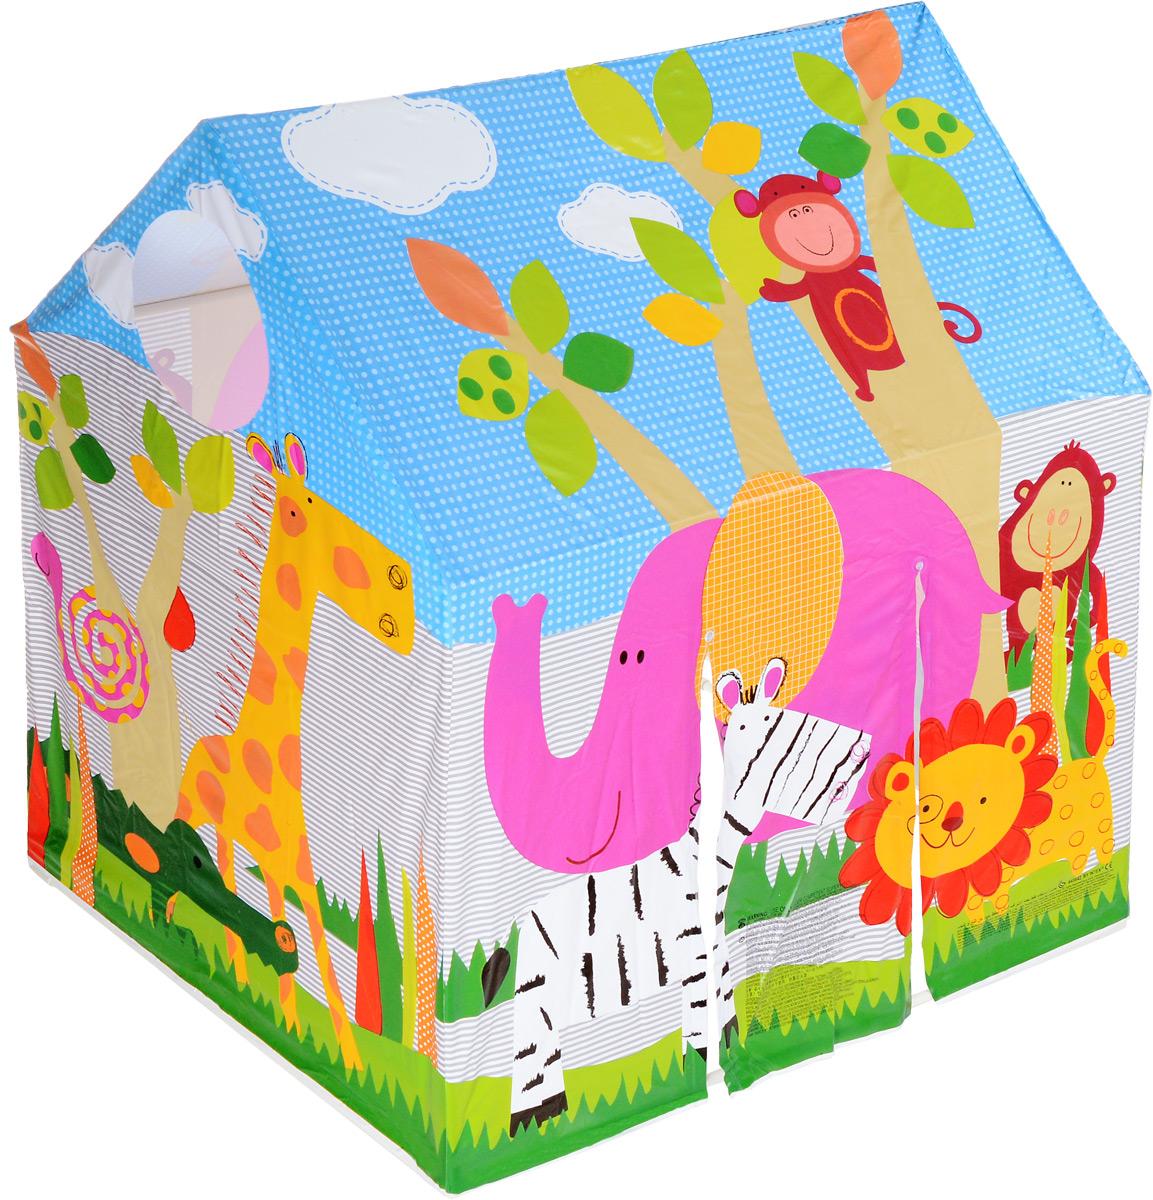 """Палатка для игр Intex """"Домик"""" - это маленький мирок, где ребенок сможет вдоволь поиграть и пофантазировать. Собрать игровой домик просто: детали пластикового каркаса легко крепятся друг к другу, ткань (винил) быстро одевается на каркас. При сборке вы сможете воспользоваться инструкцией. Игровая палатка дна не имеет. Палатку можно ставить как в помещении, так и на свежем воздухе. Также игровая палатка имеет окошки, в которые, например, можно бросать мячики. Игровая палатка """"Домик"""" прослужит долгое время, благодаря своему качеству!"""